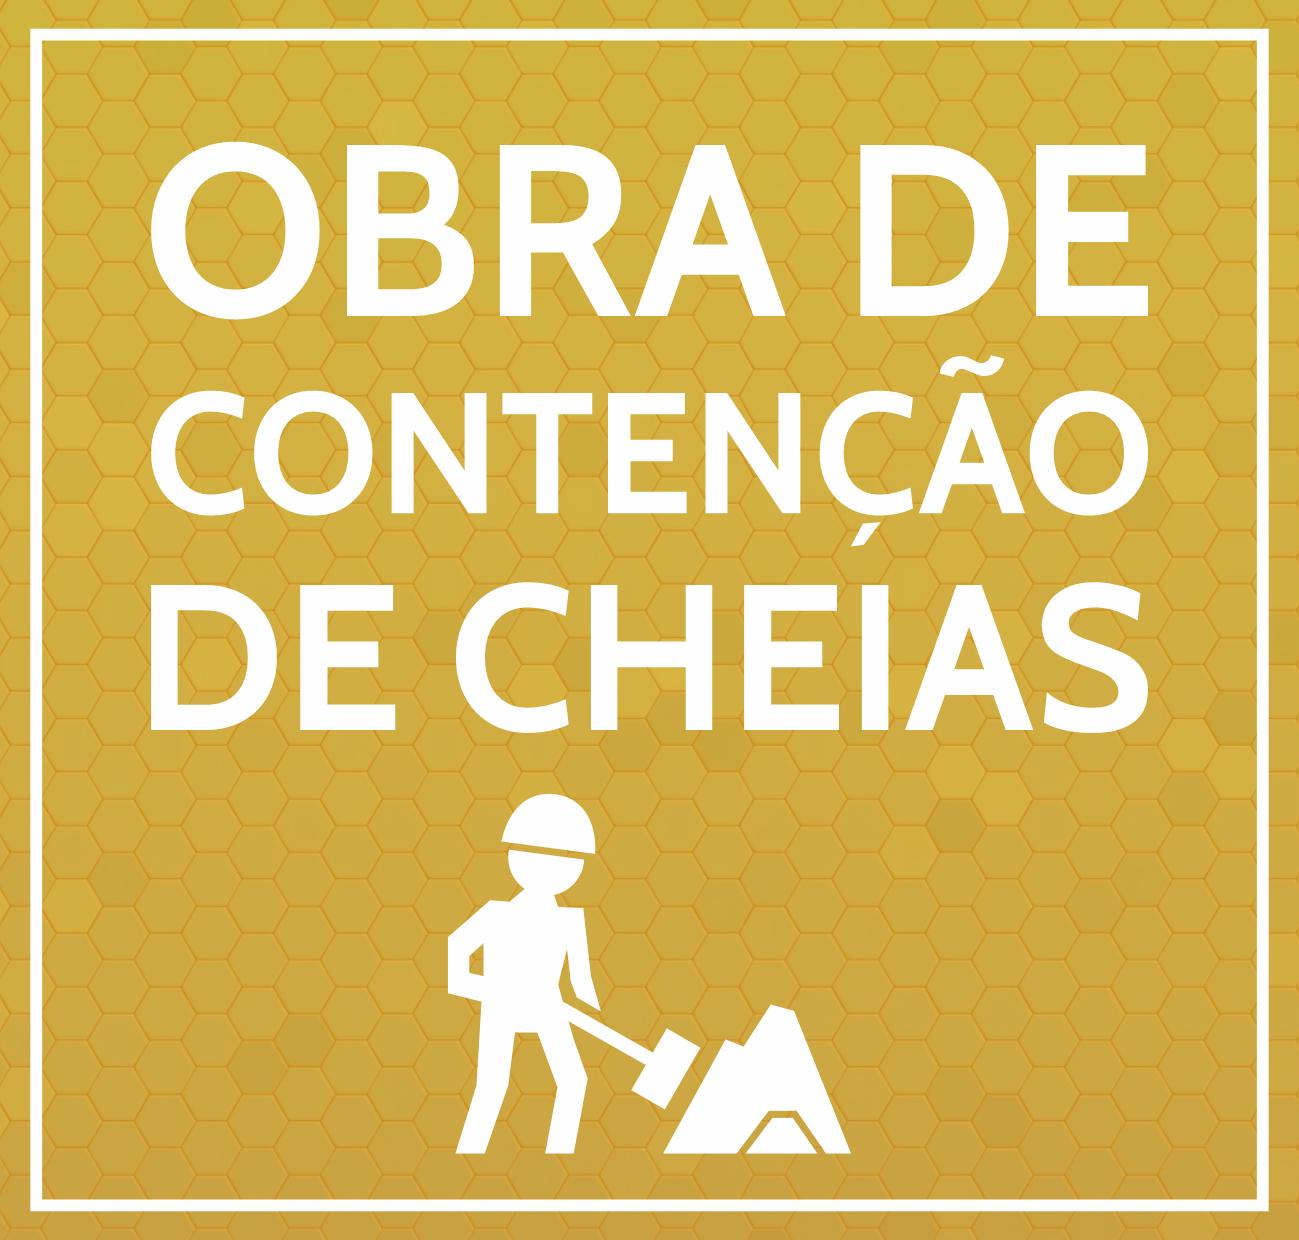 OBRA DE CONTENÇÃO DE CHEIAS